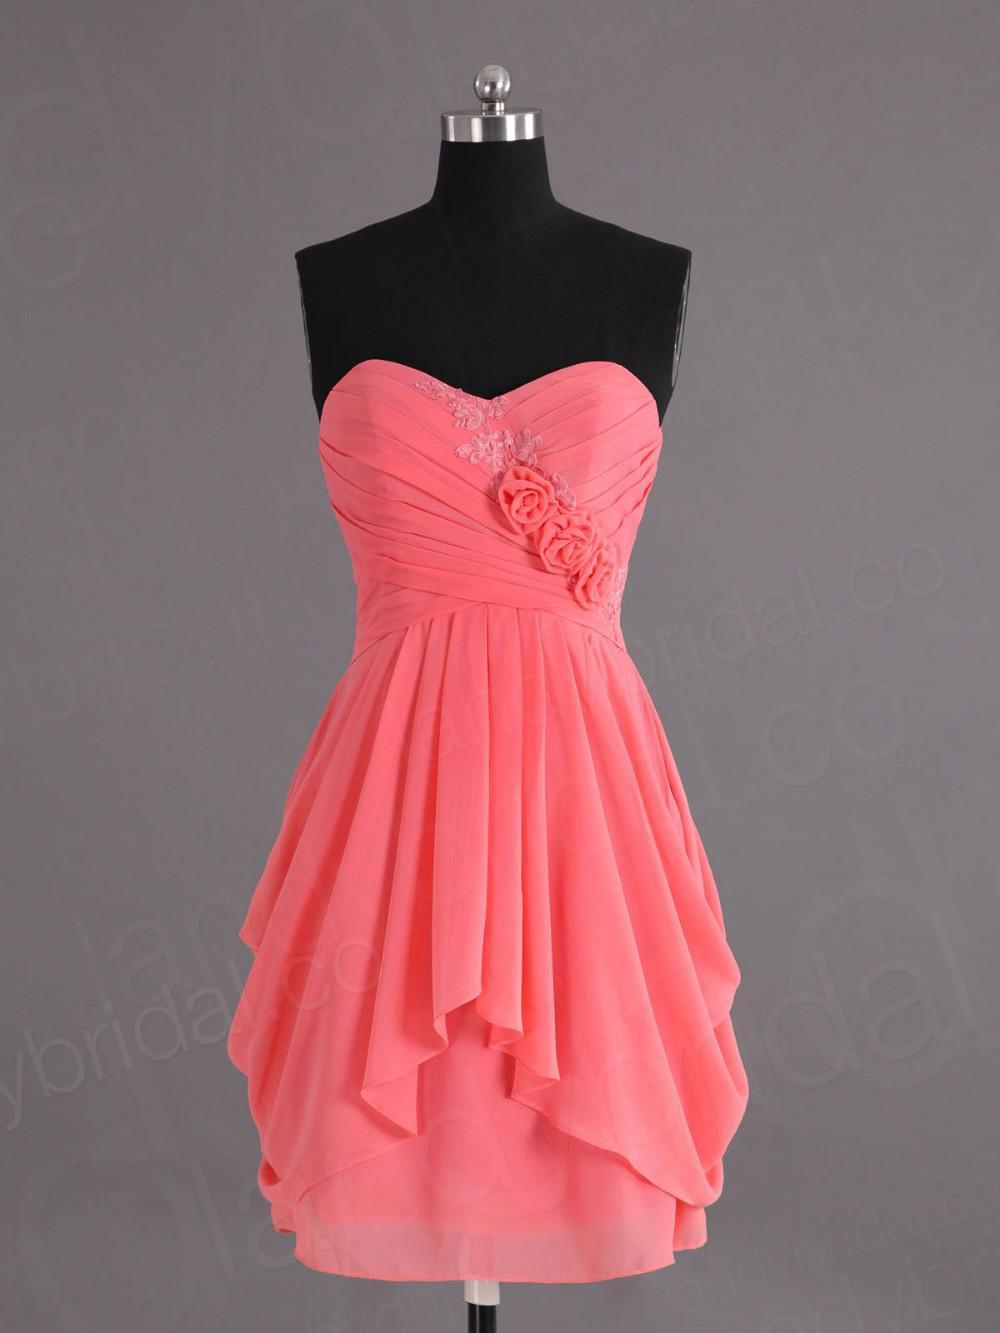 Real Sample eine Linie Schatz knielangen Chiffon Coral Brautjungfer Kleider Appliques Best Selling Homecoming Party Kleider unter 90 Dollar